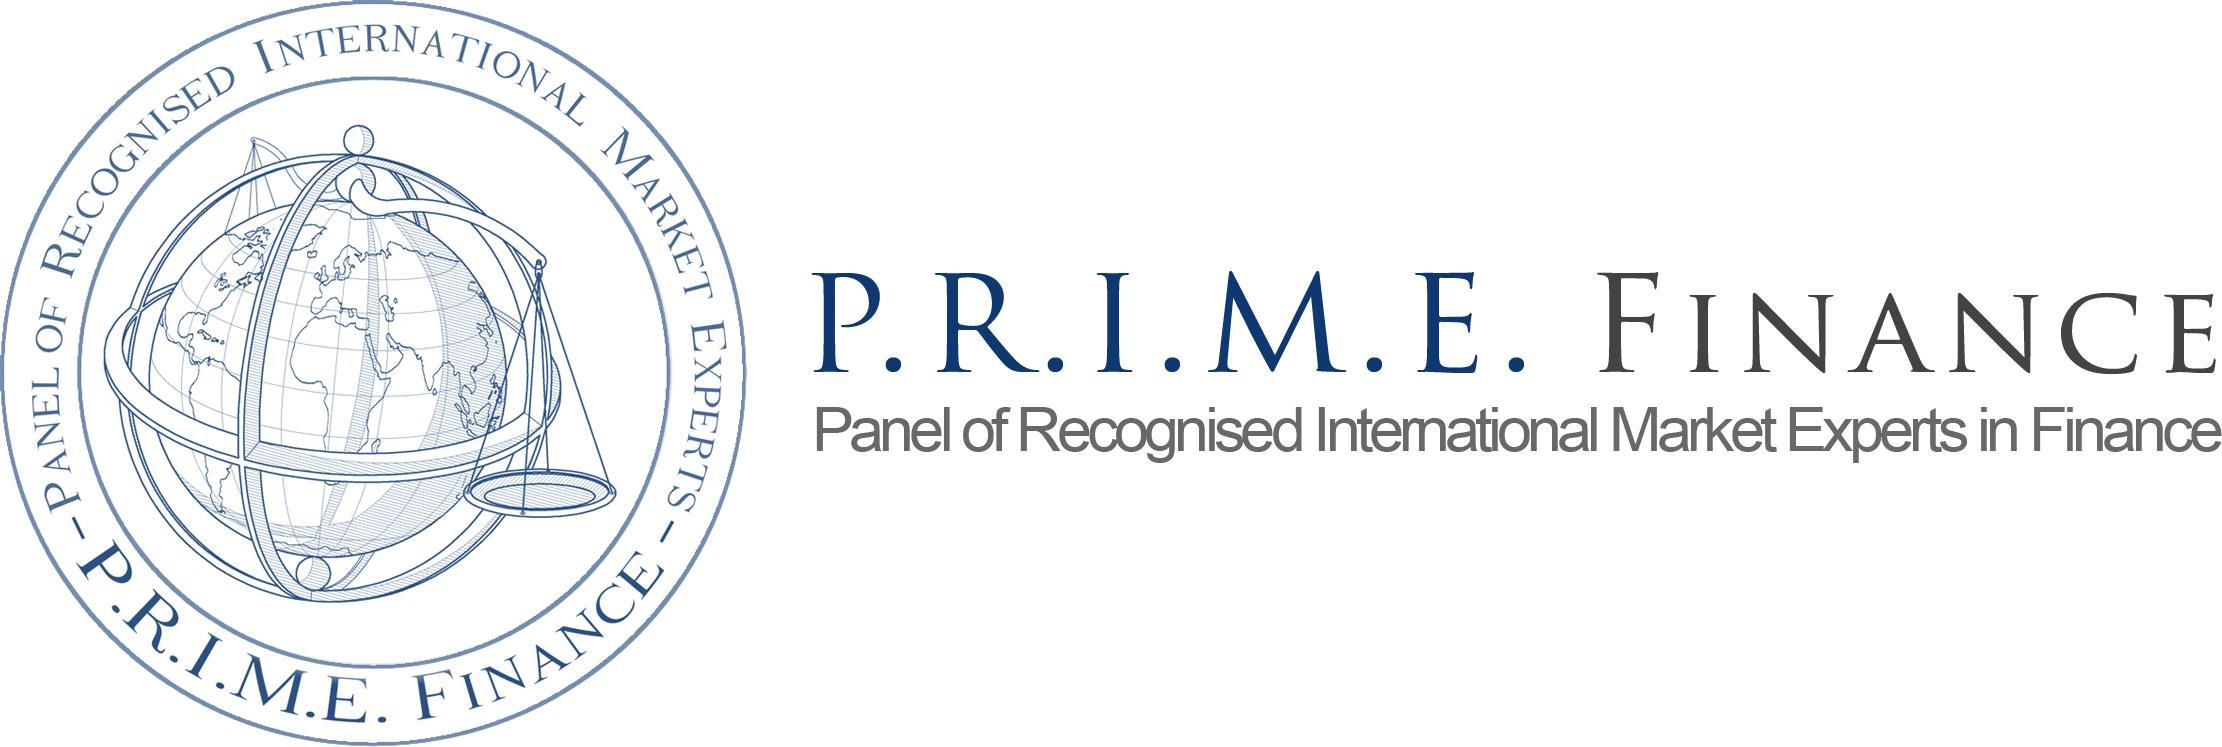 P.R.I.M.E. Finance 1